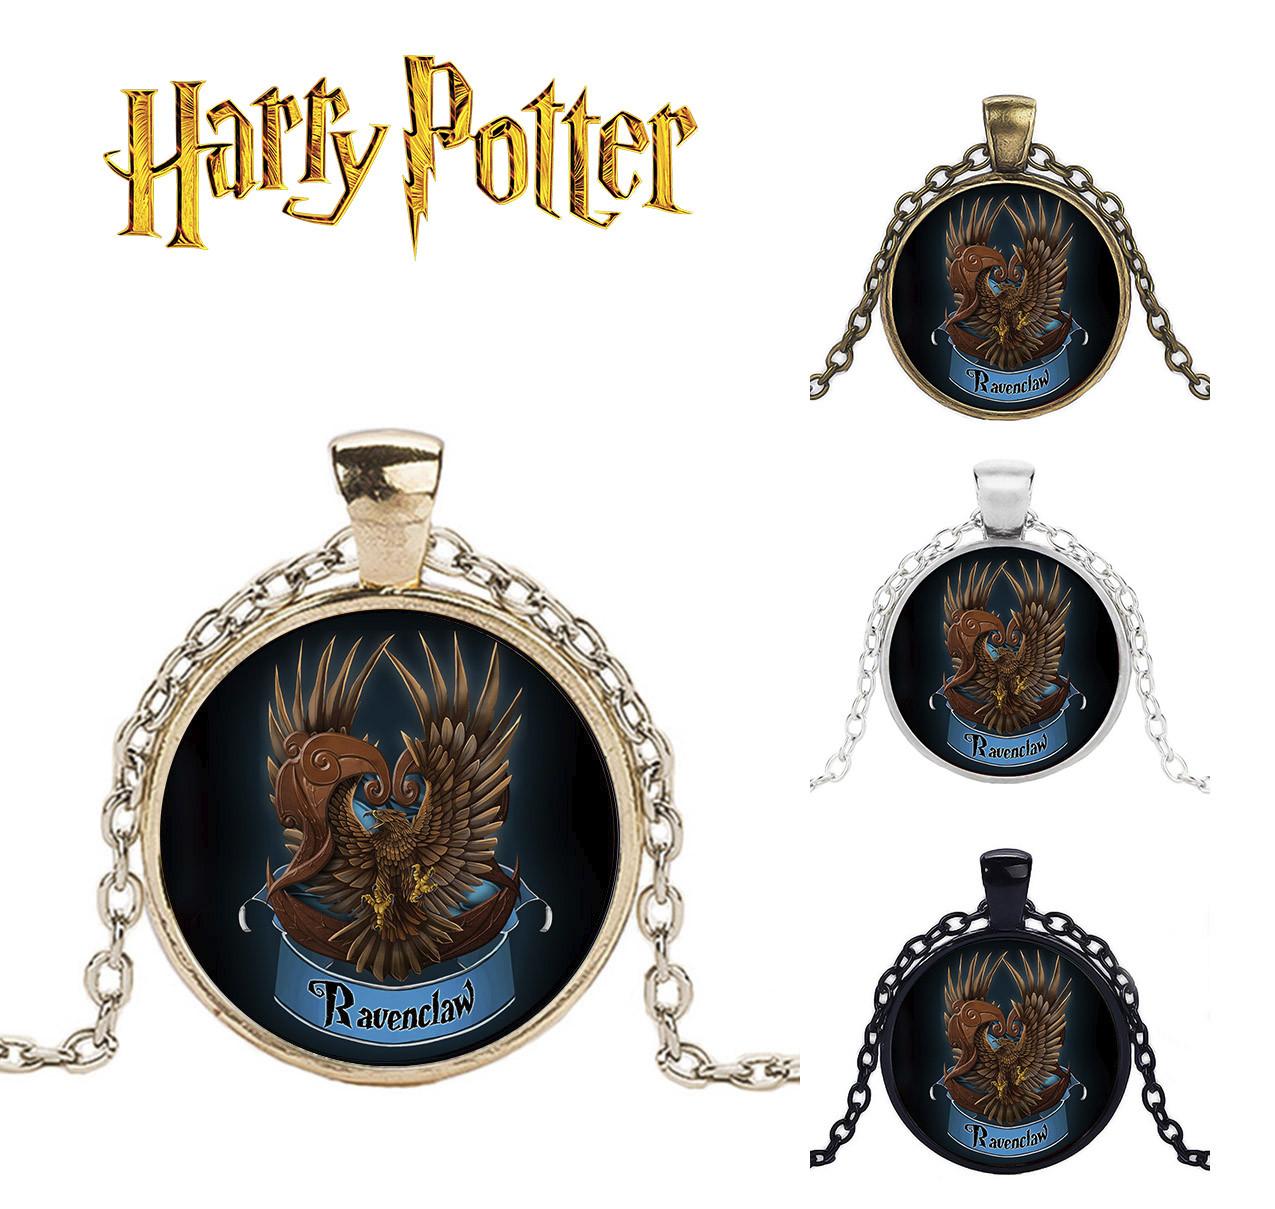 Подвеска  с изображением герба факультета Пуффендуй Когтерван из Гарри Поттера